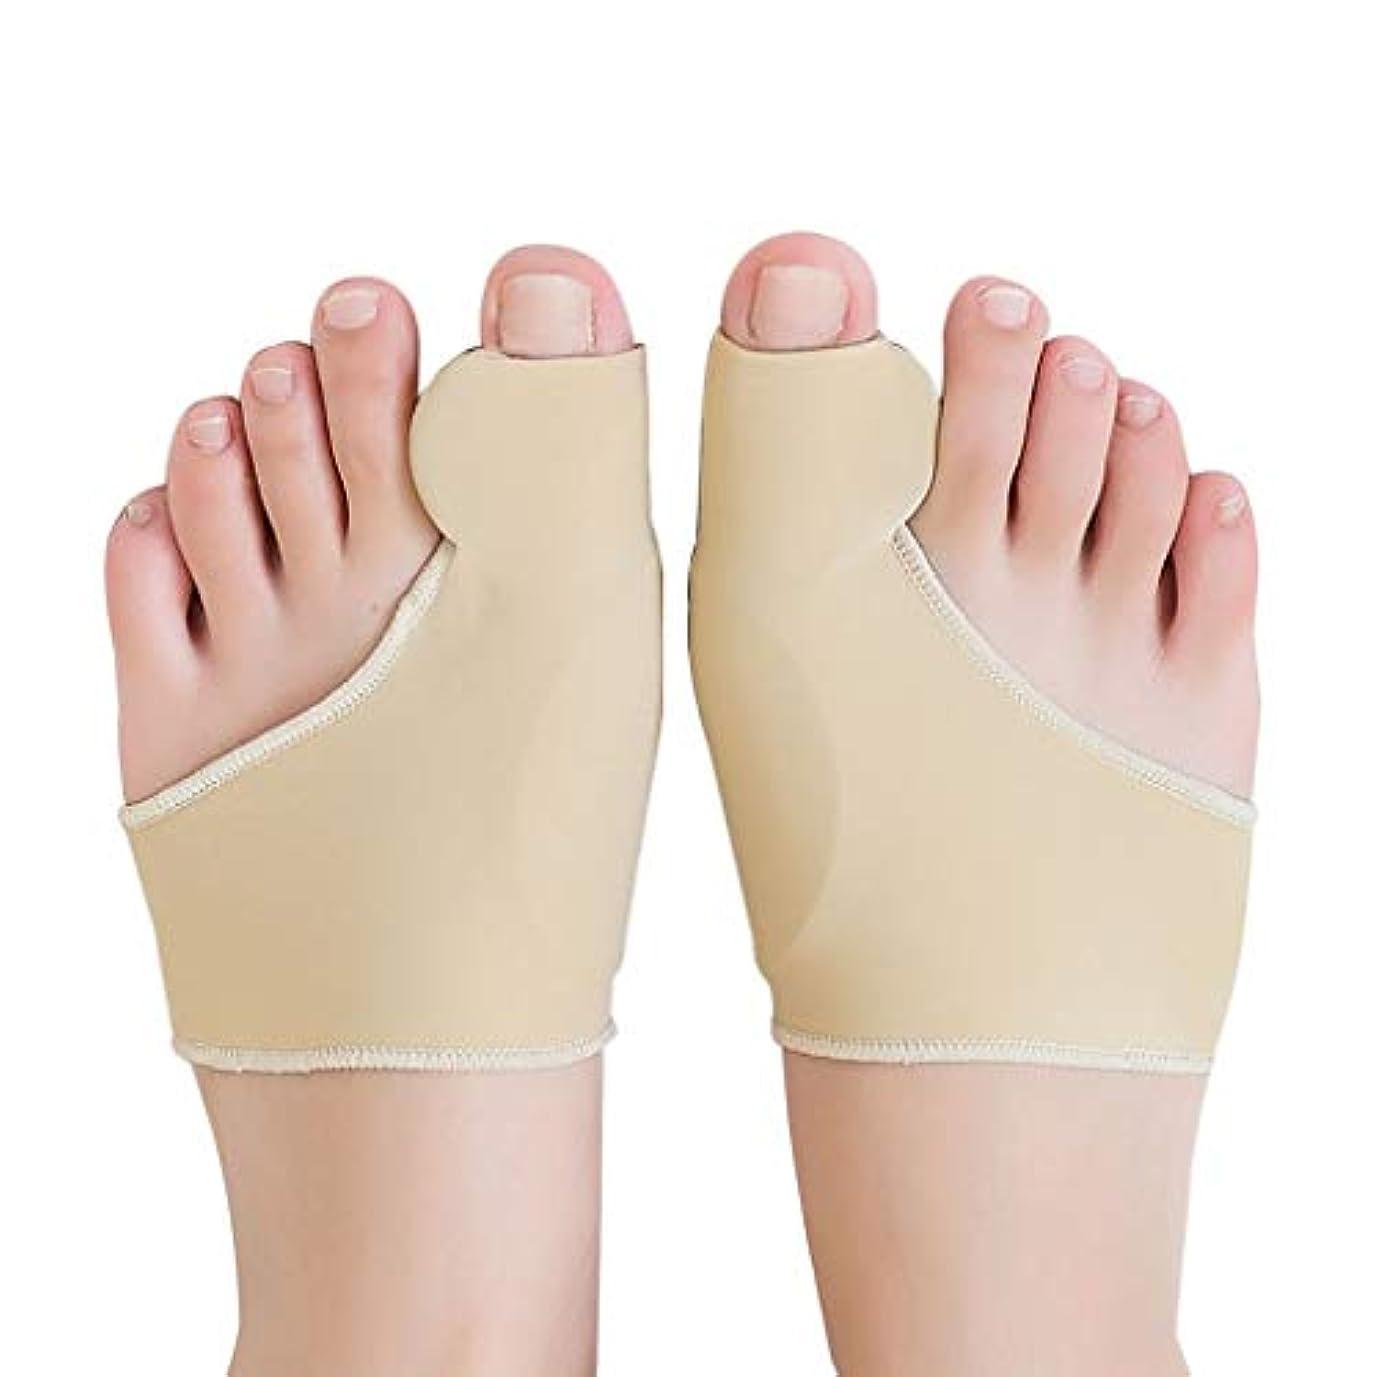 胸マイコンテキスト女性の大きな足のつま先のケアシリコーンは大きな親指反転カバーで着用 窓の外の小雨